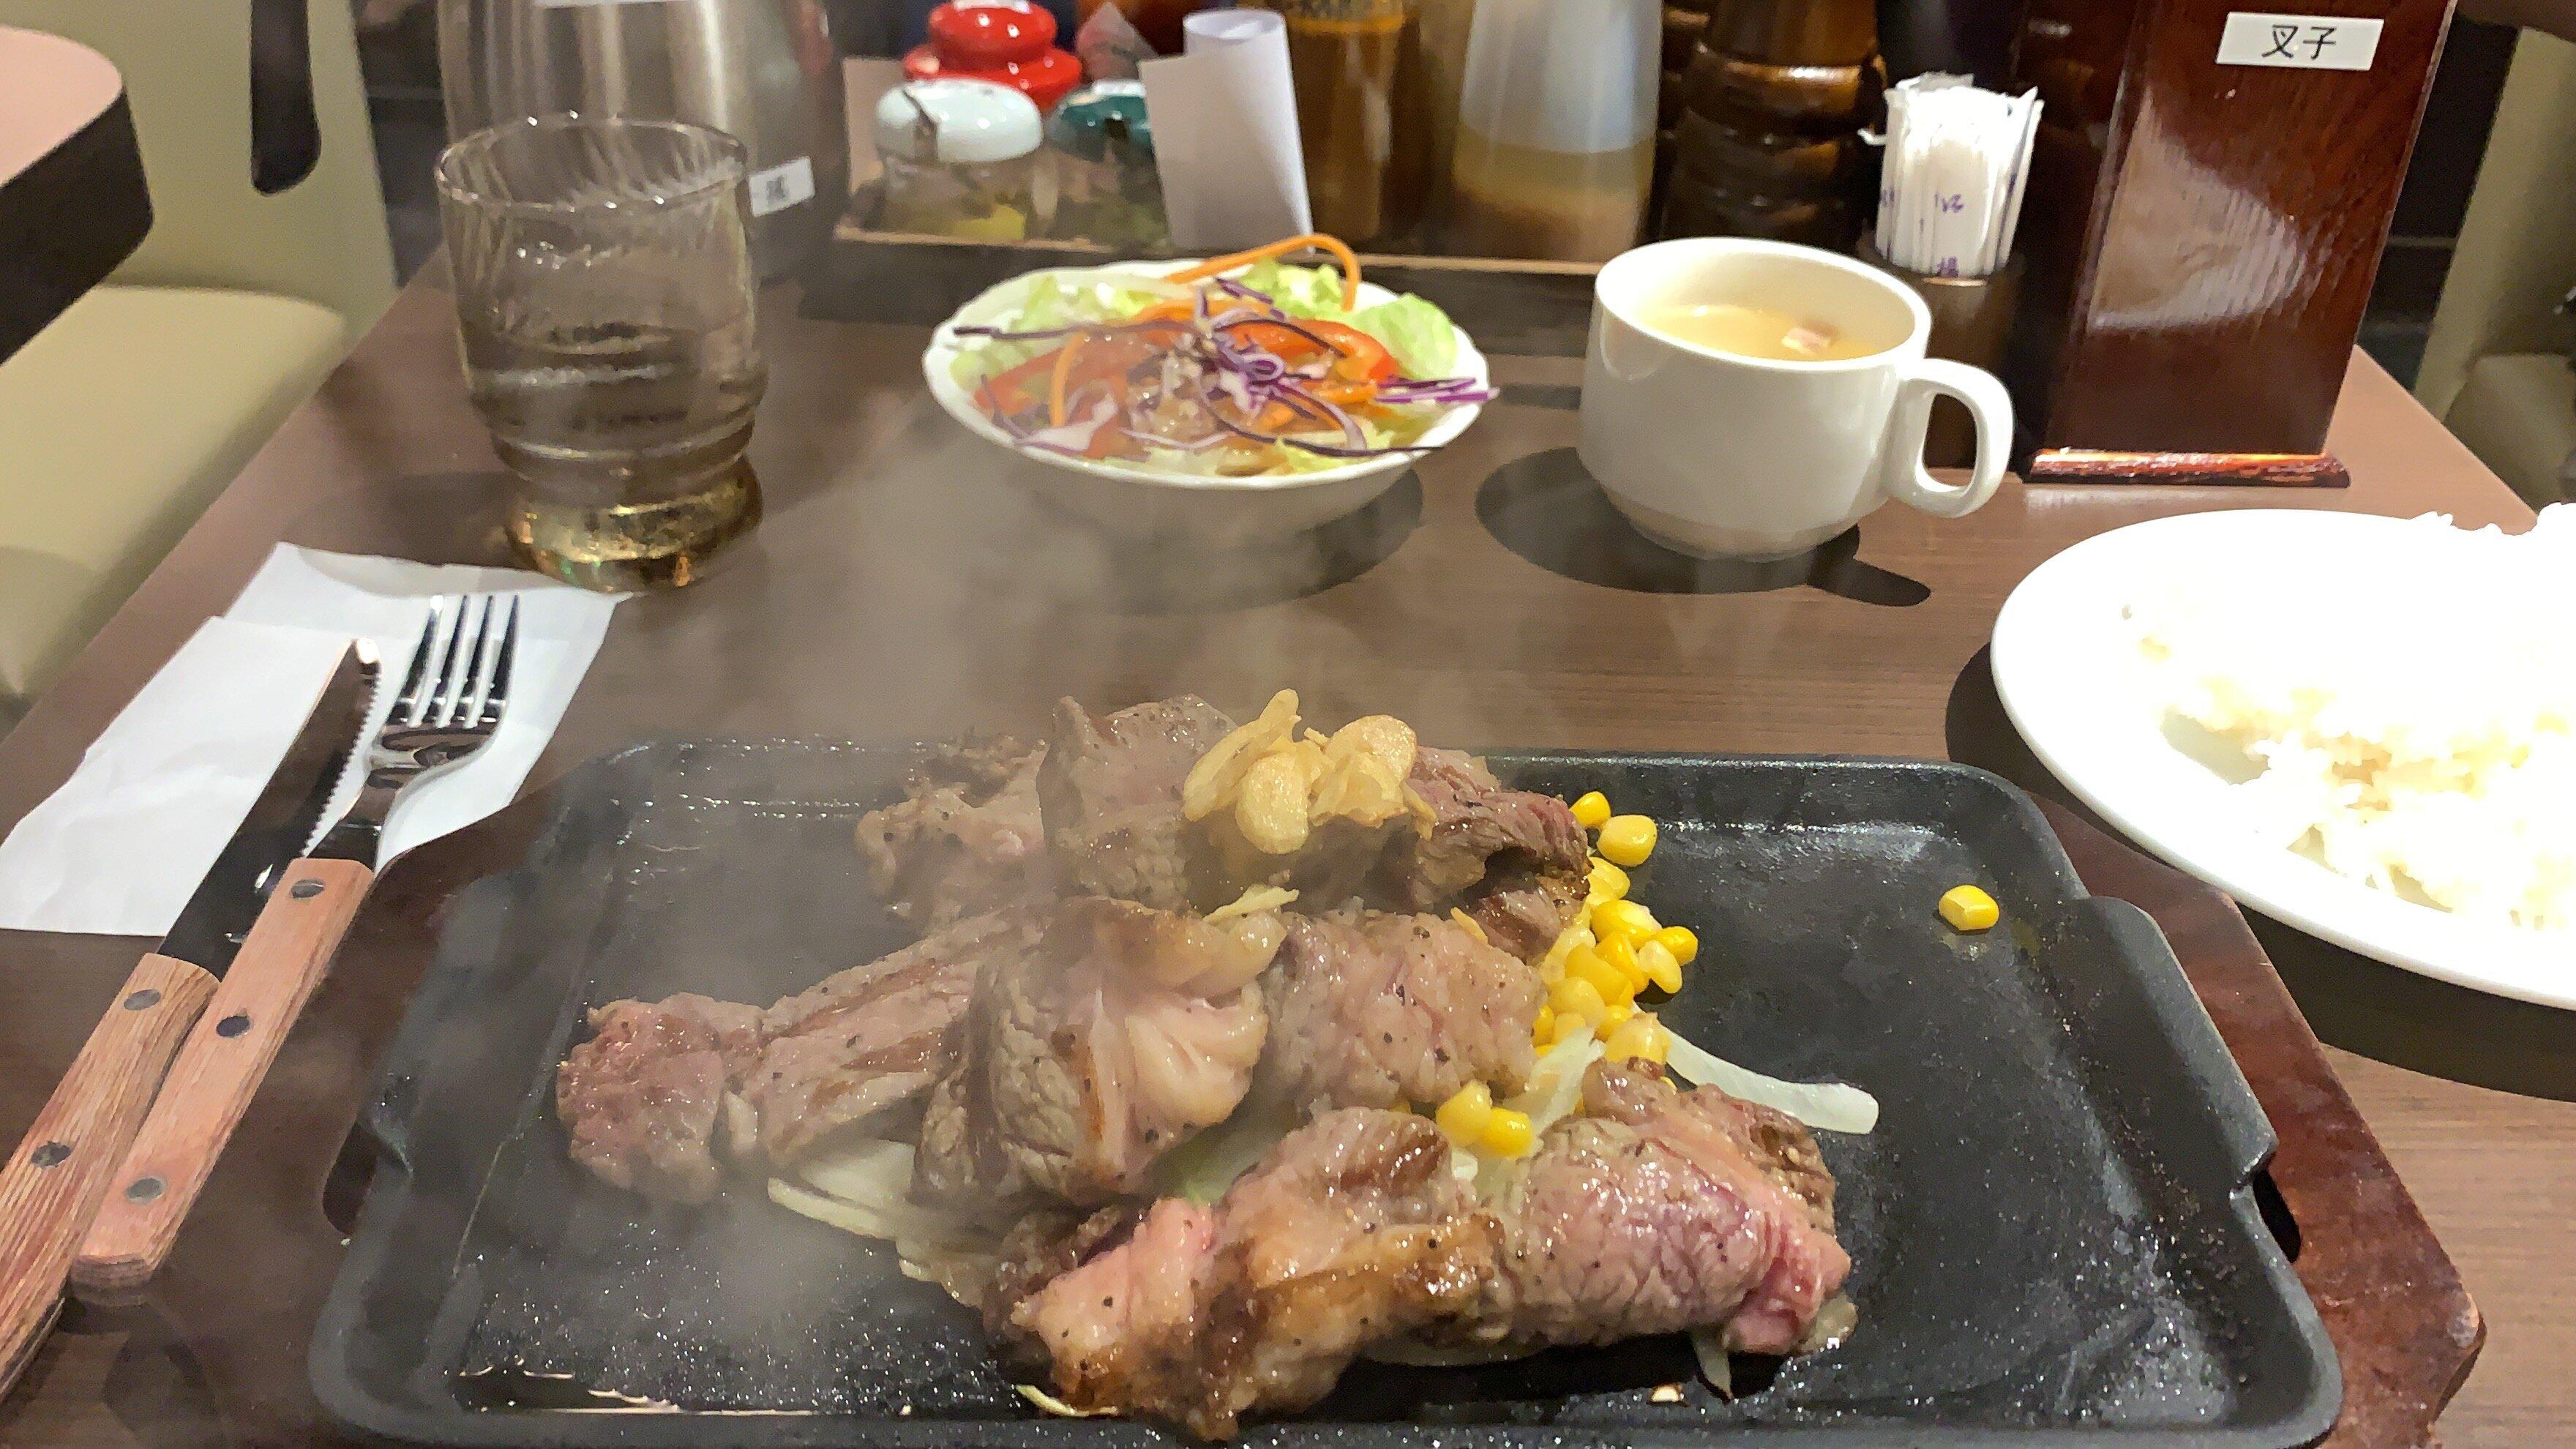 日本知名連鎖牛排「IKINARI STEAK いきなり!ステーキ」正式進軍台北,圖為「亂切牛排」。